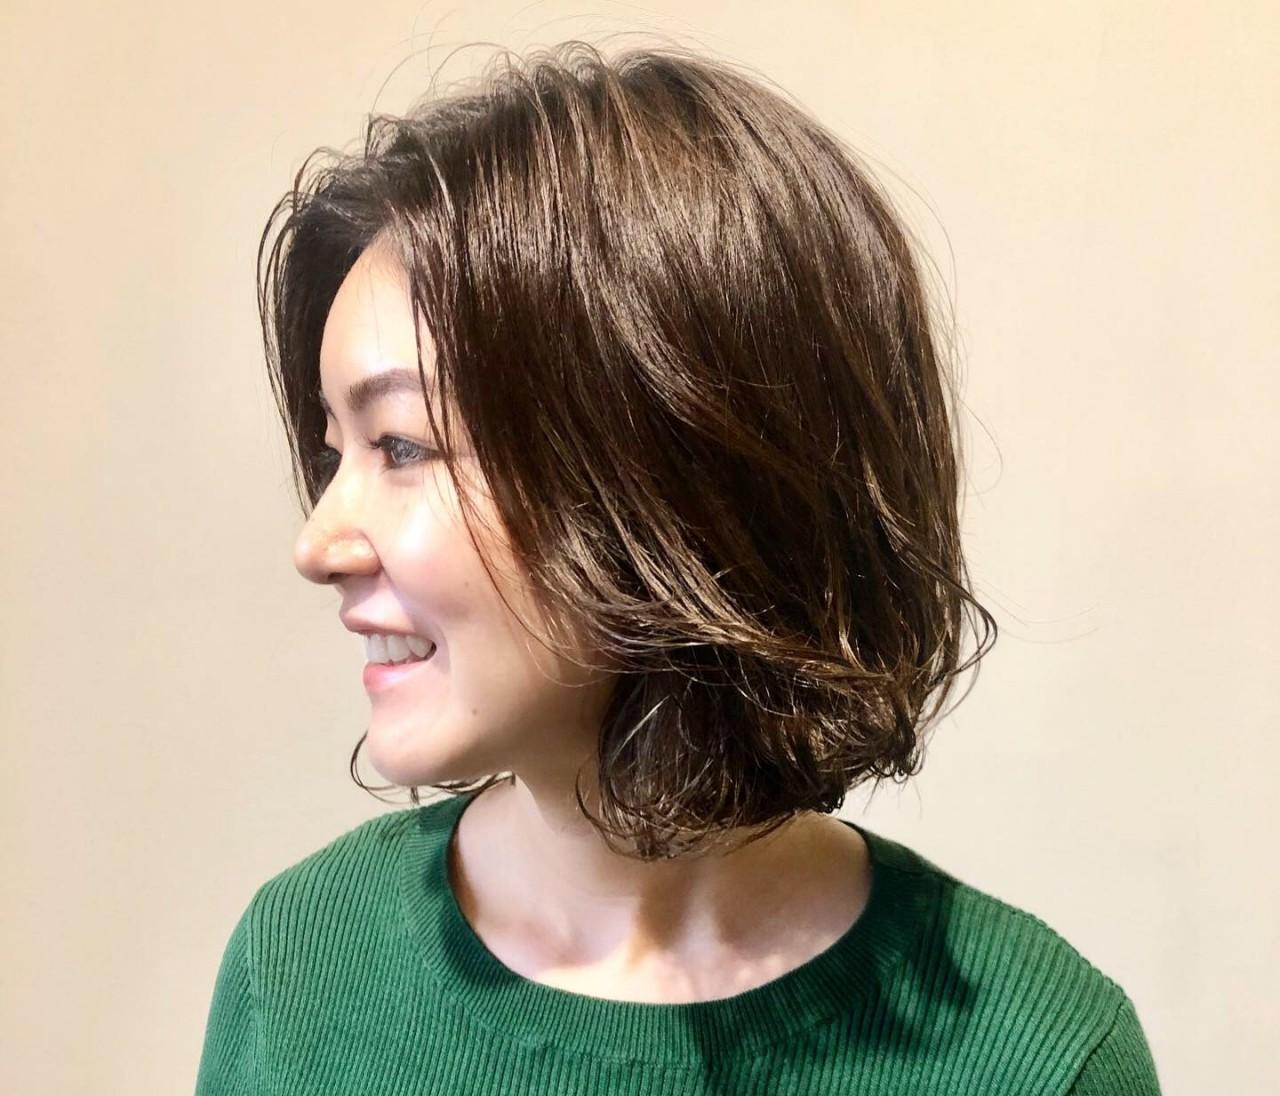 ヘアチェンジ♡ツヤ髪をキープするアイテムのご紹介